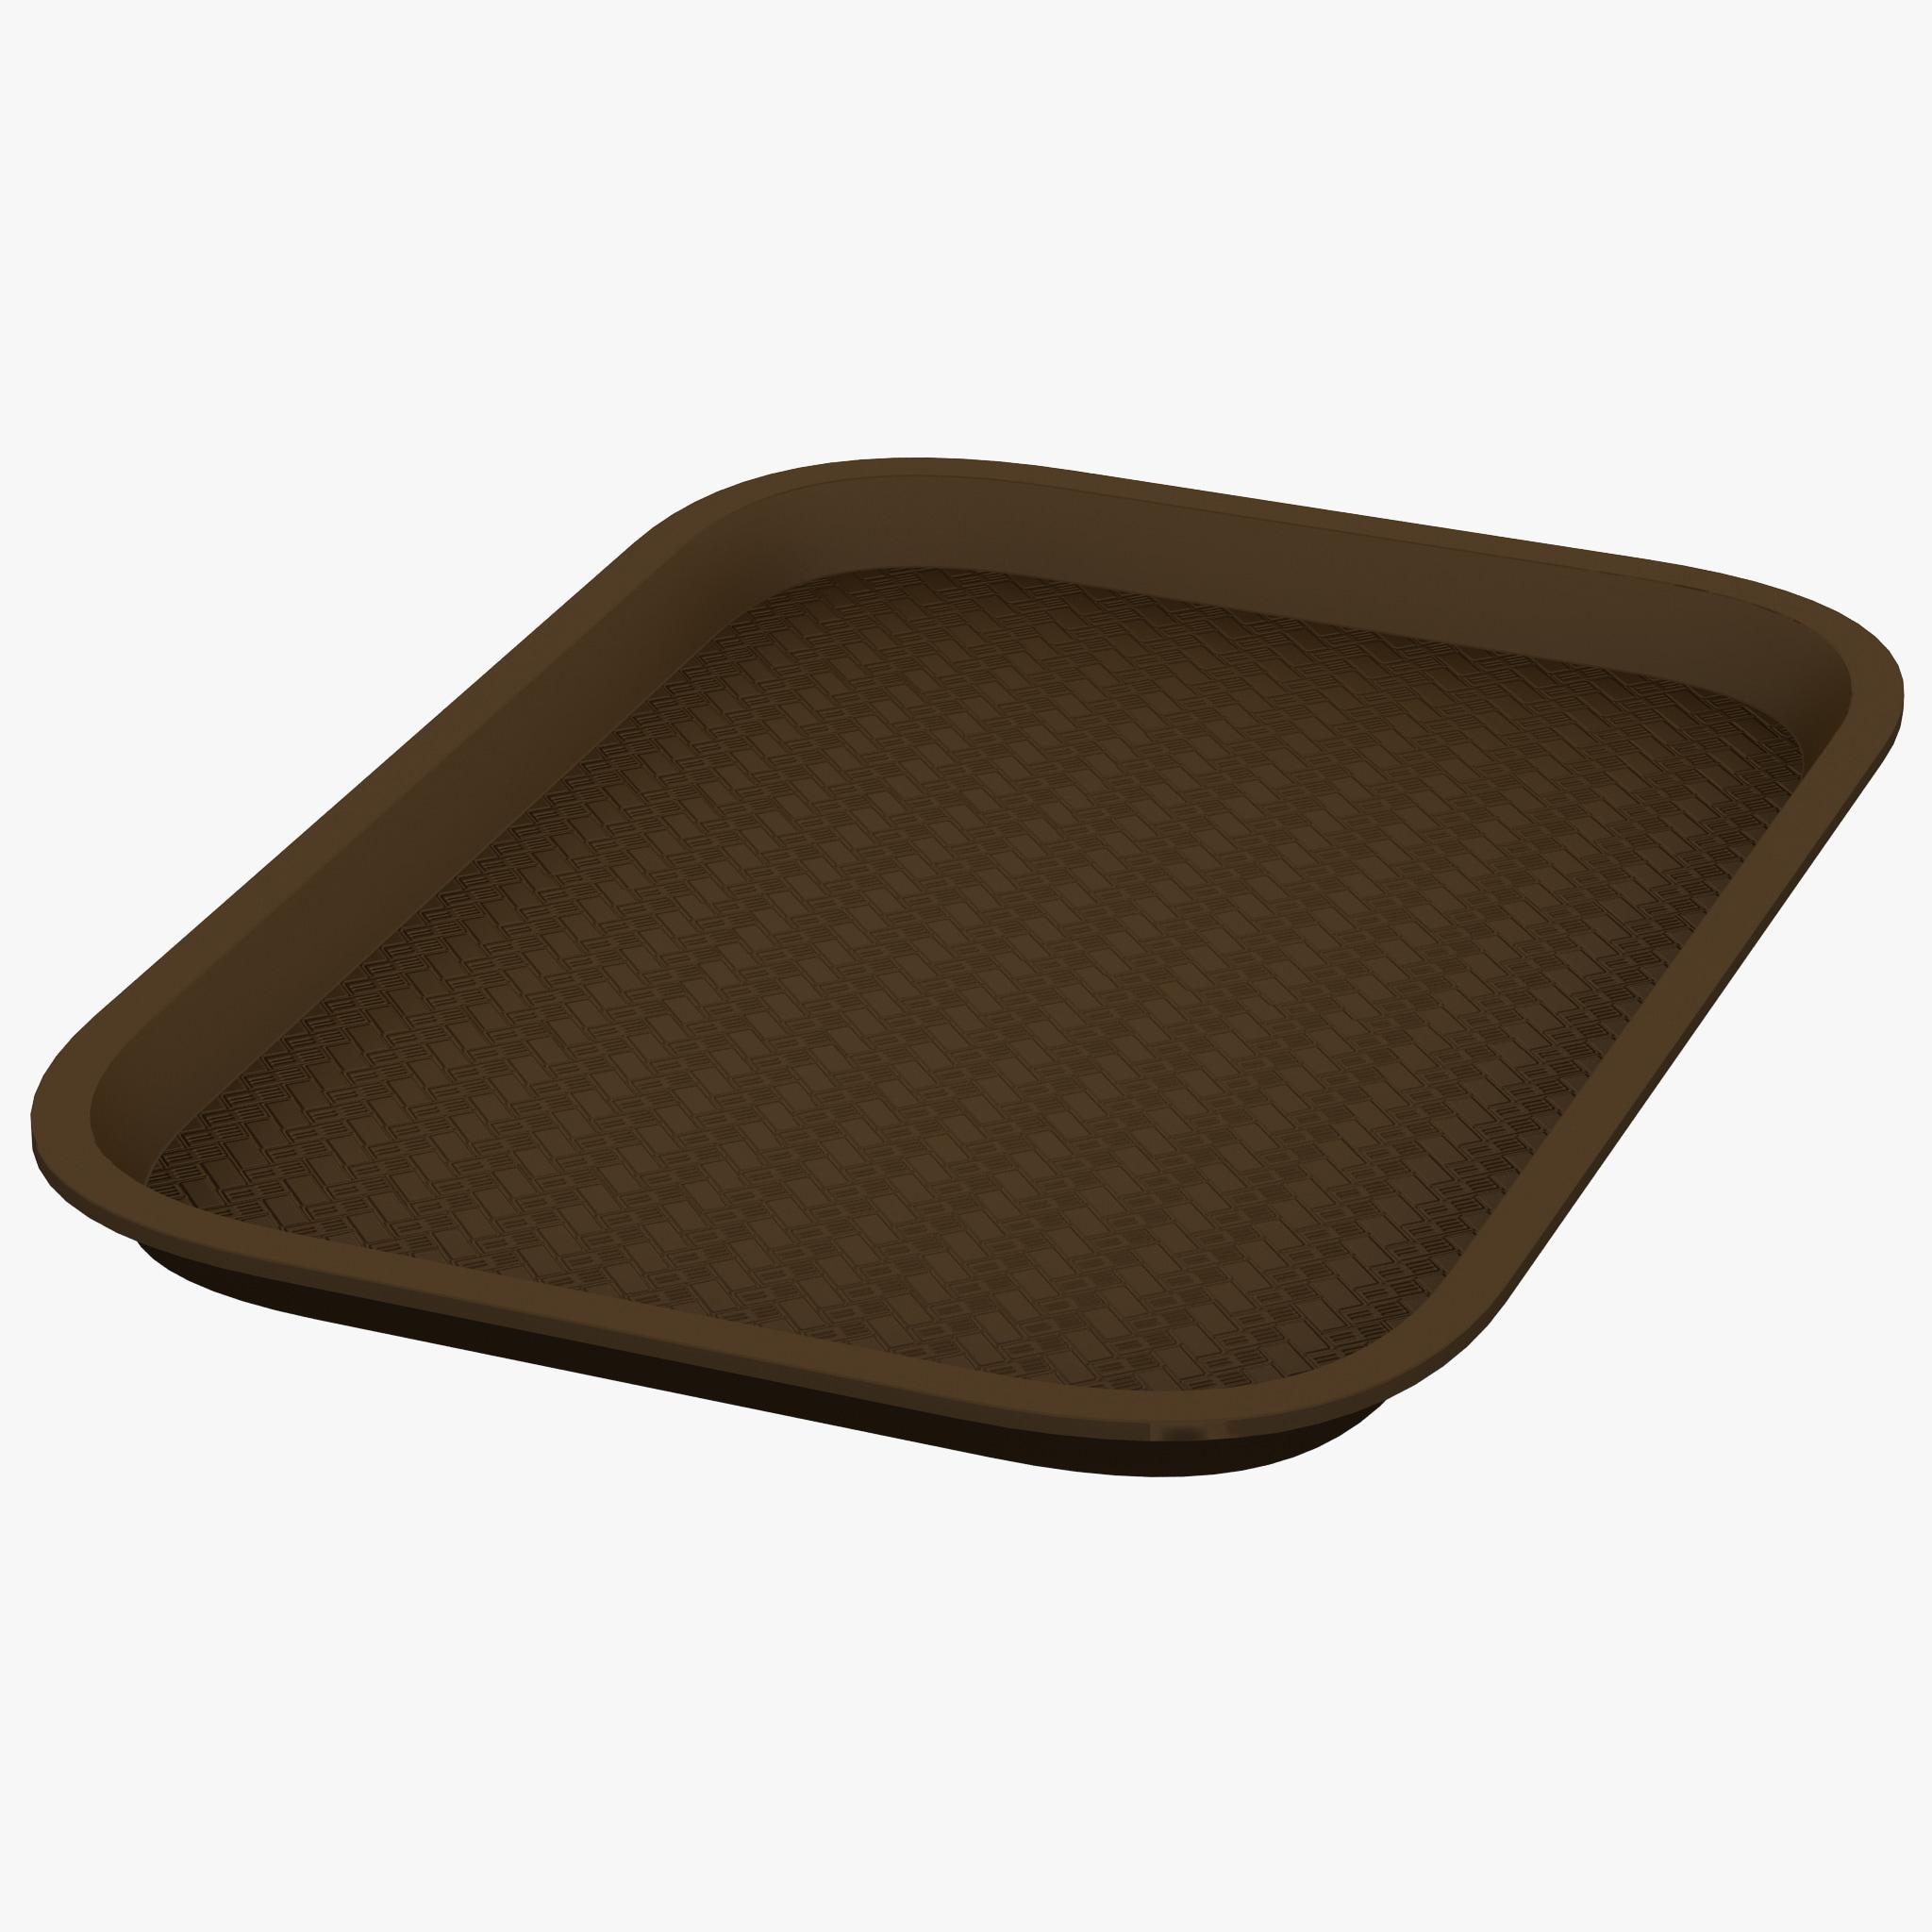 3d tray model